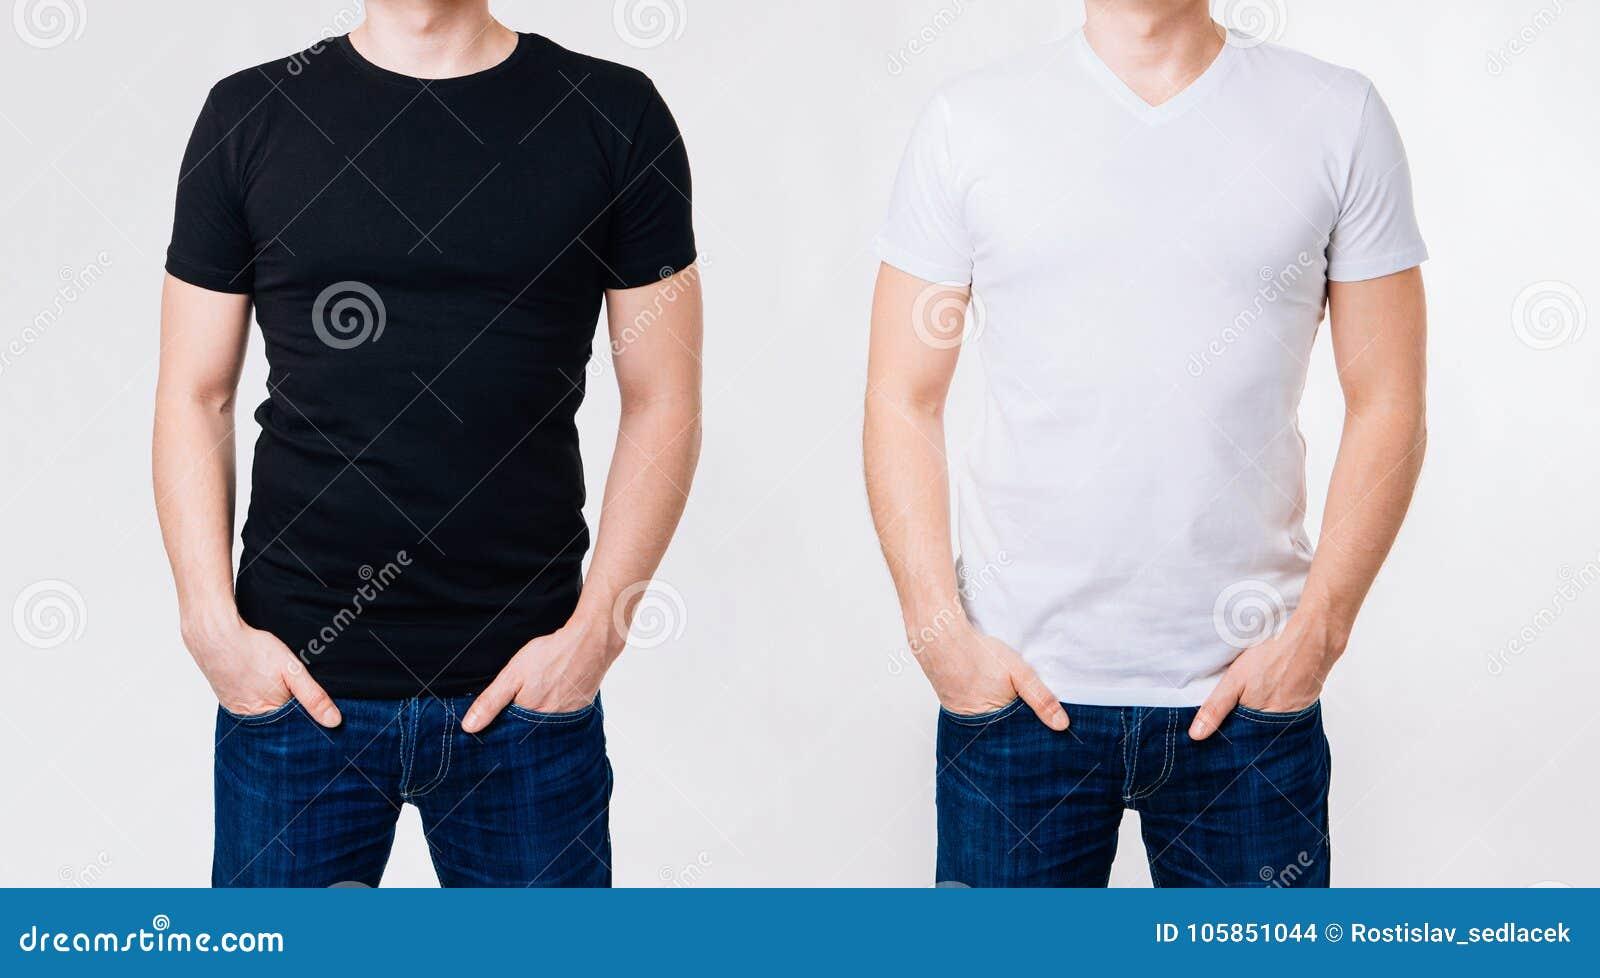 online store 9092d 22c16 Due Volte Uomo In Magliette In Bianco Bianche E Nere Su ...